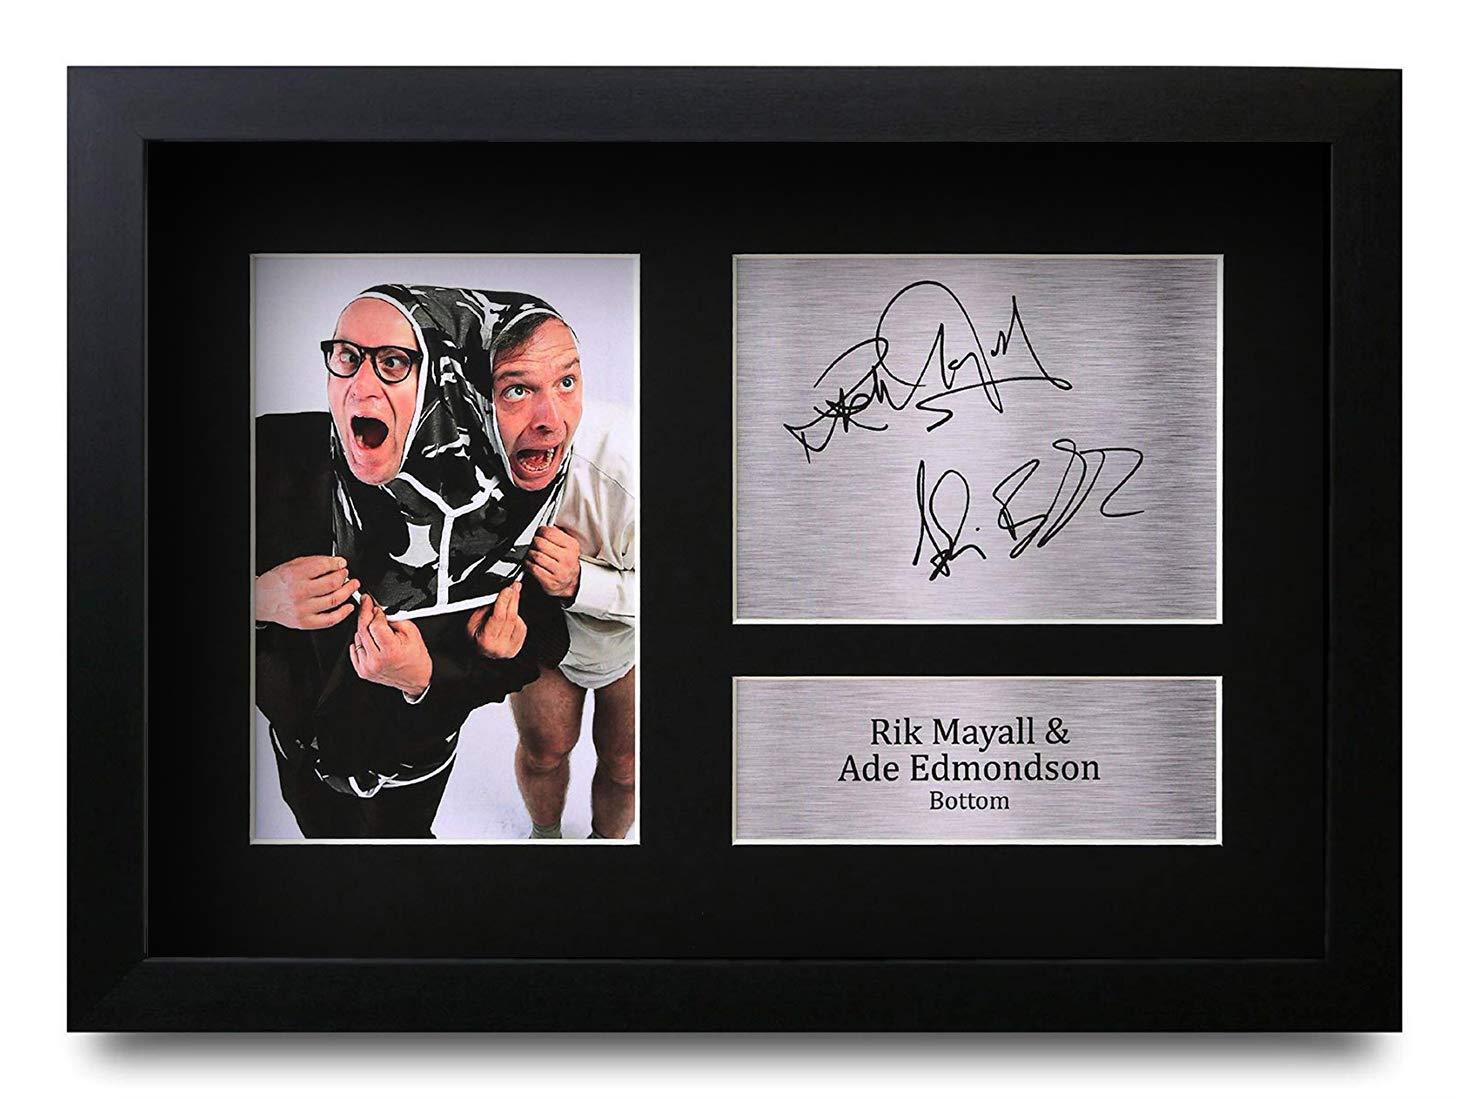 HWC Trading Bottom Geschenke Unterzeichneten A4 Gedrucktes Autogramm Rik Mayall Ade Edmondson Eddie Richard Druck-Foto-Bilderanzeige